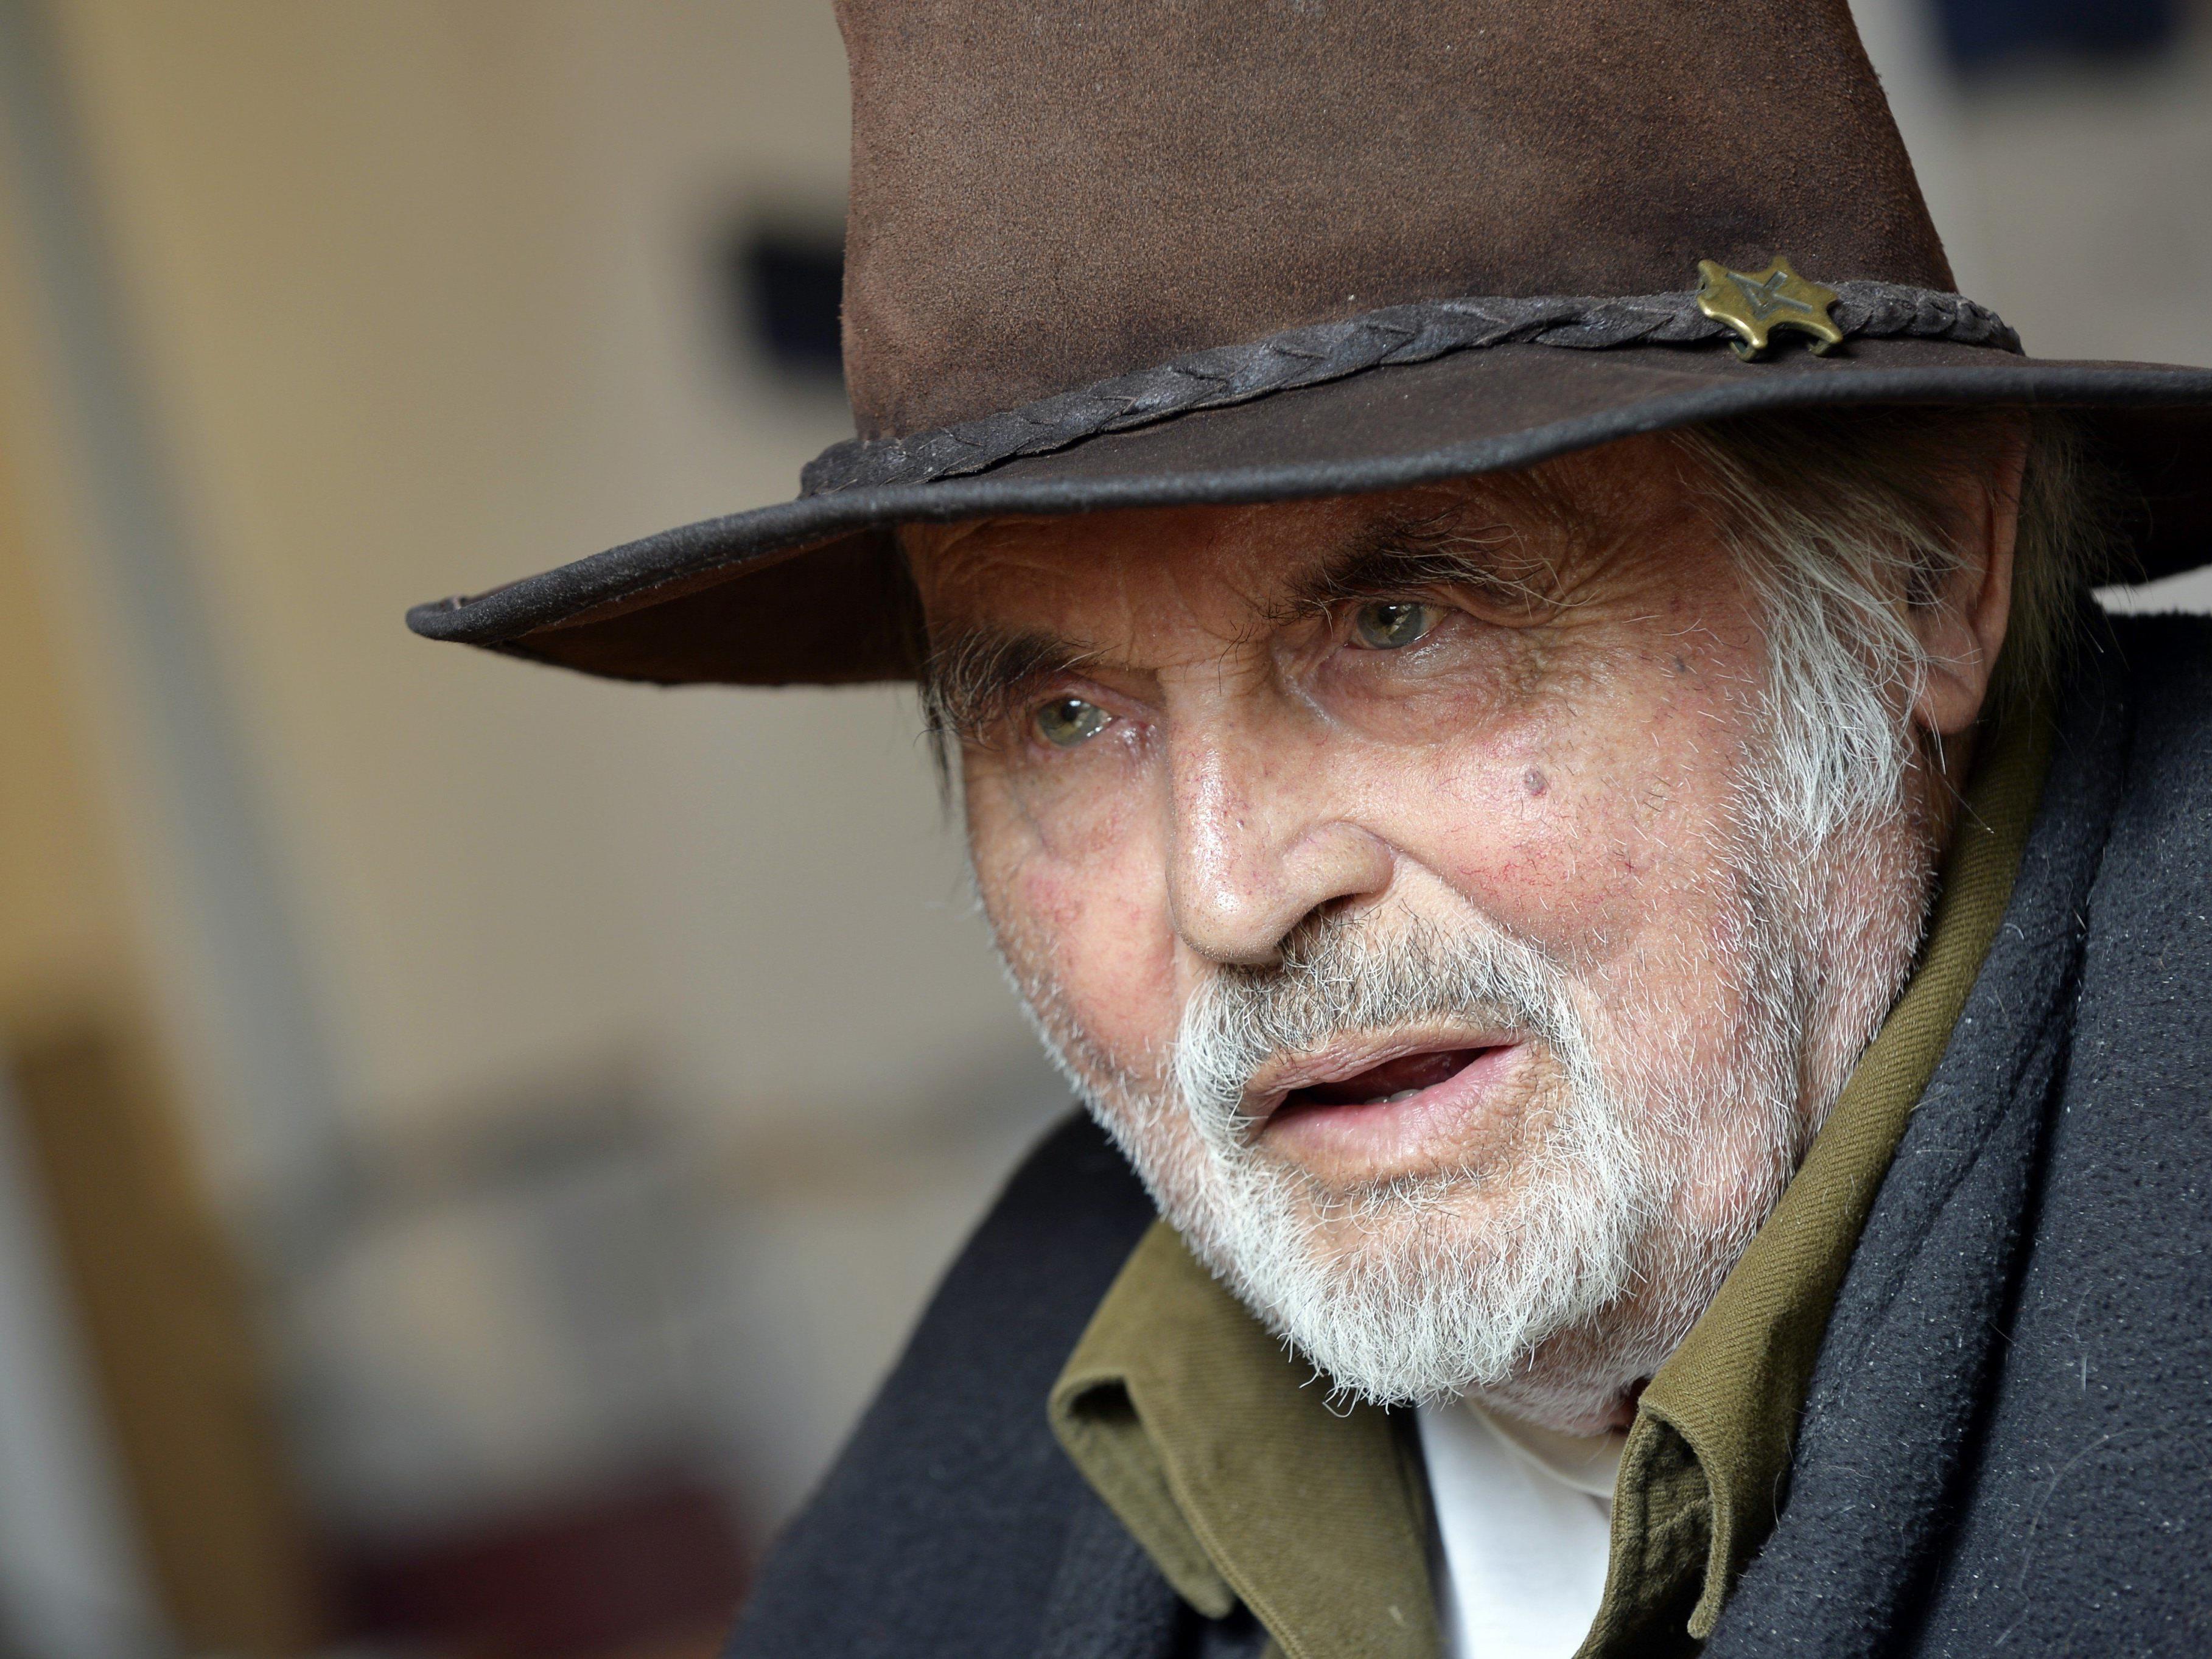 Der Altmeister der Gegenwartskunst in Kärnten starb am Samstag im 88. Lebensjahr im Klinikum Klagenfurt.